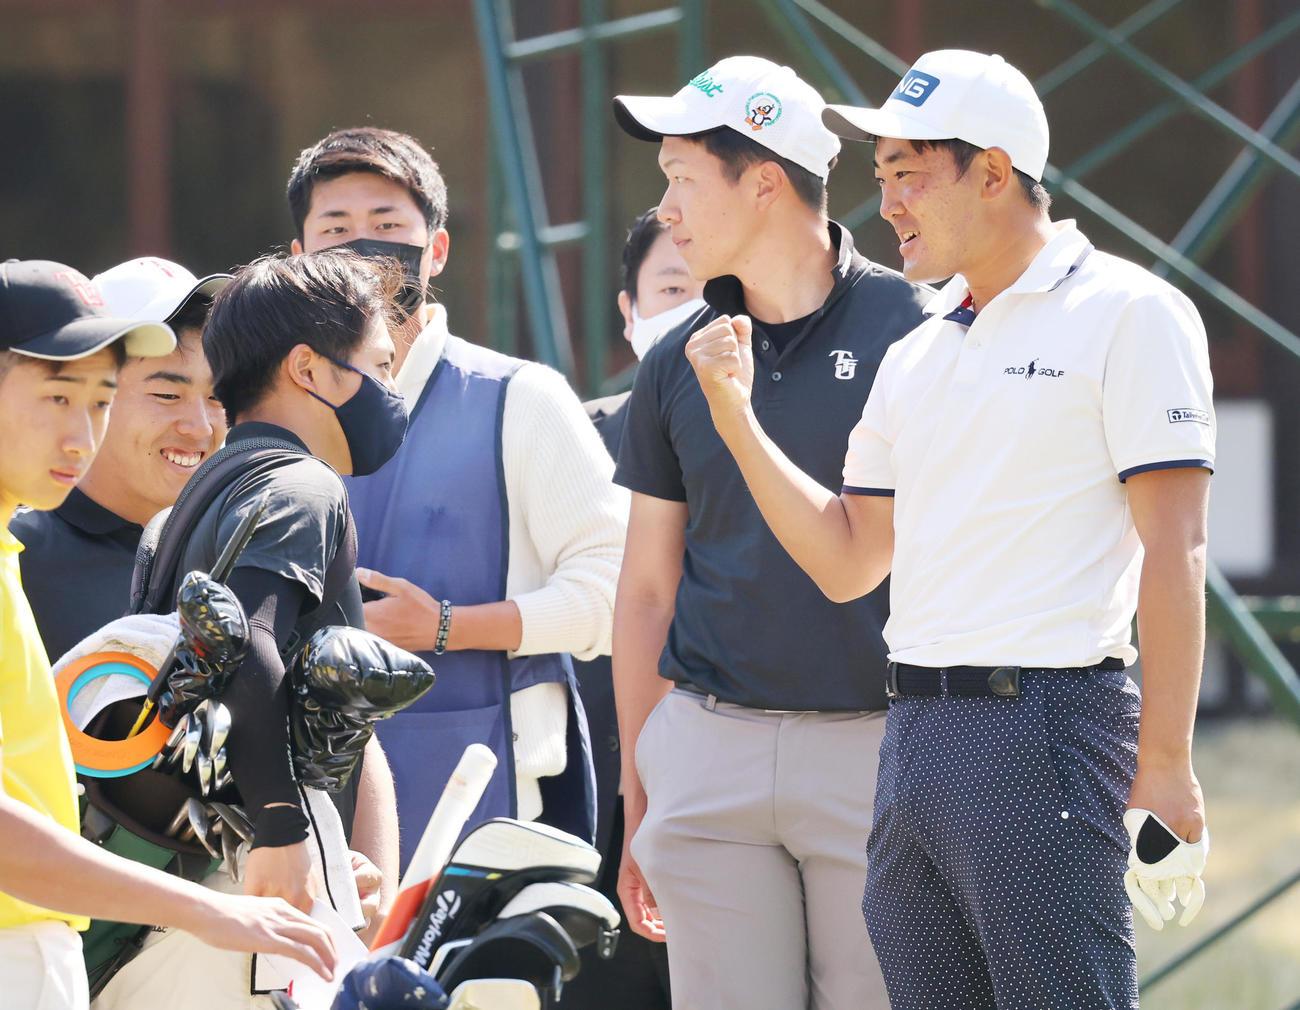 関西オープンゴルフ選手権 練習ラウンドで東北福祉大の後輩と一緒にまわる金谷(右)(撮影・清水貴仁)